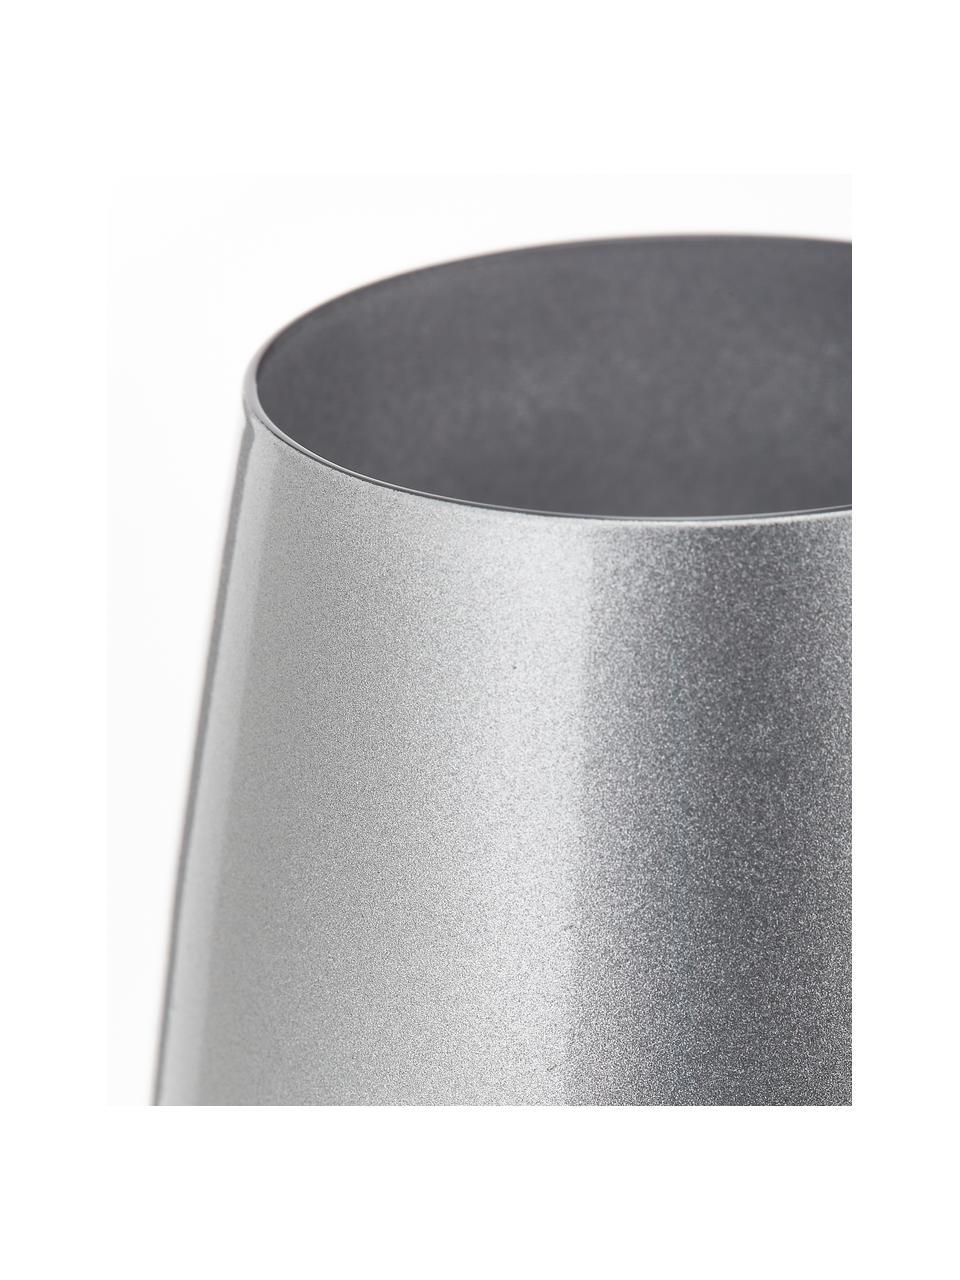 Szklanka do koktajli ze szkła kryształowego Elements, 6 szt., Szkło kryształowe, powlekane, Odcienie srebrnego, Ø 9 x W 12 cm